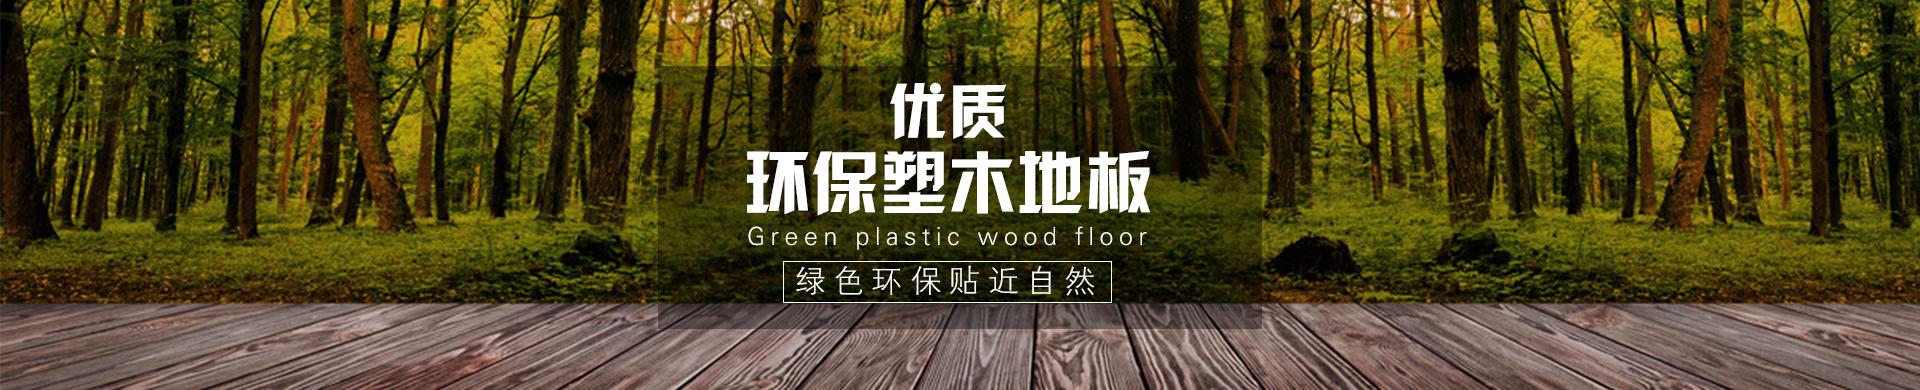 优质塑木材料